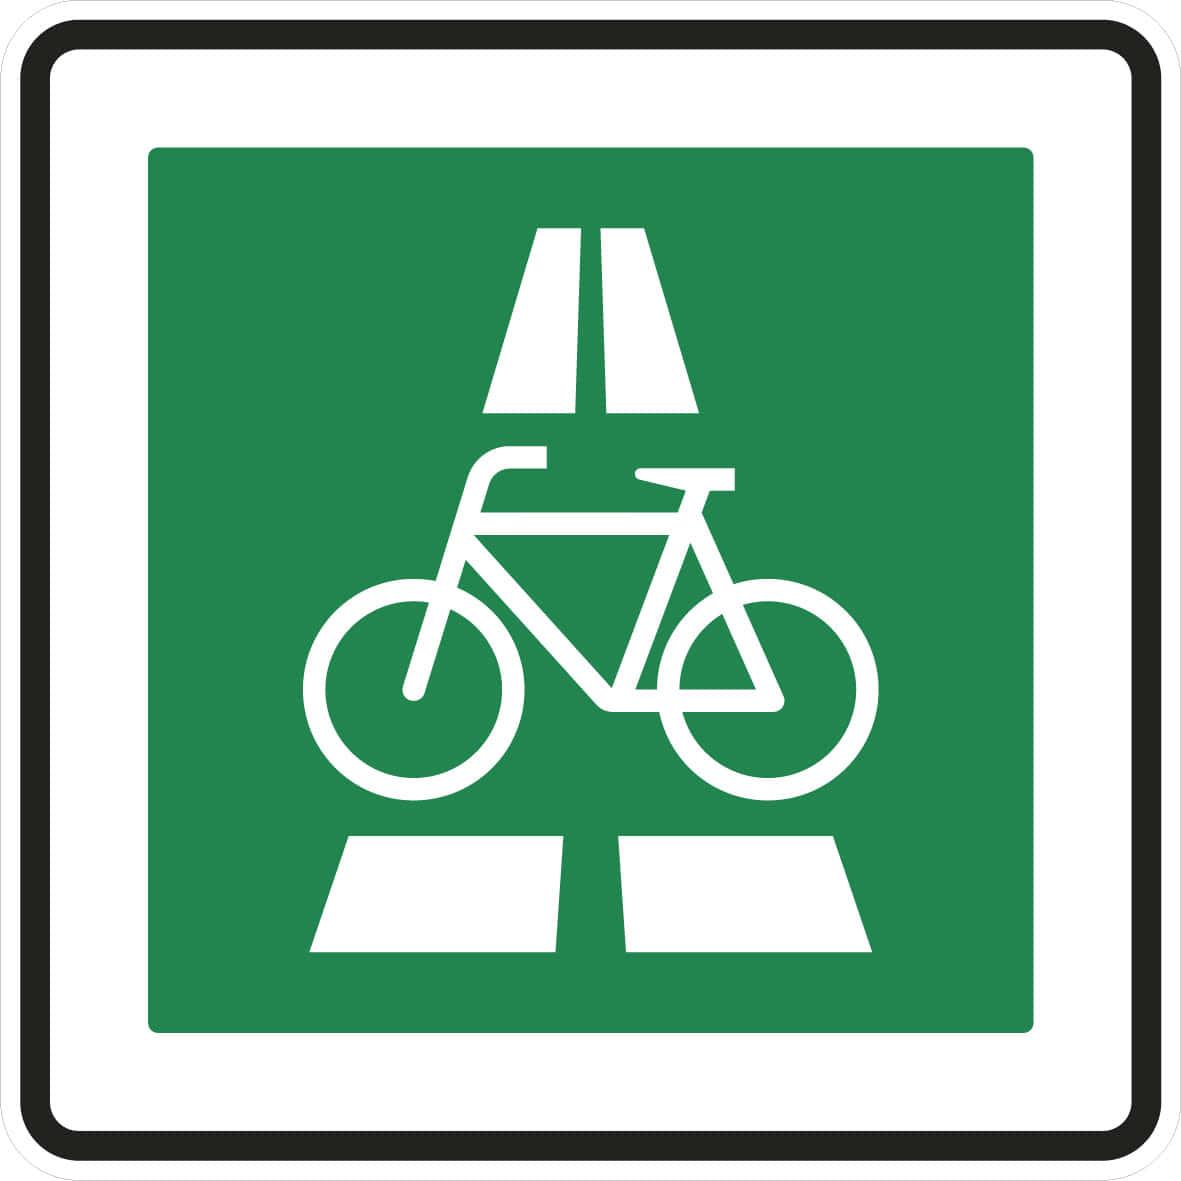 Verkehrszeichen & Verkehrsregeln nach der StVO-Novelle 6